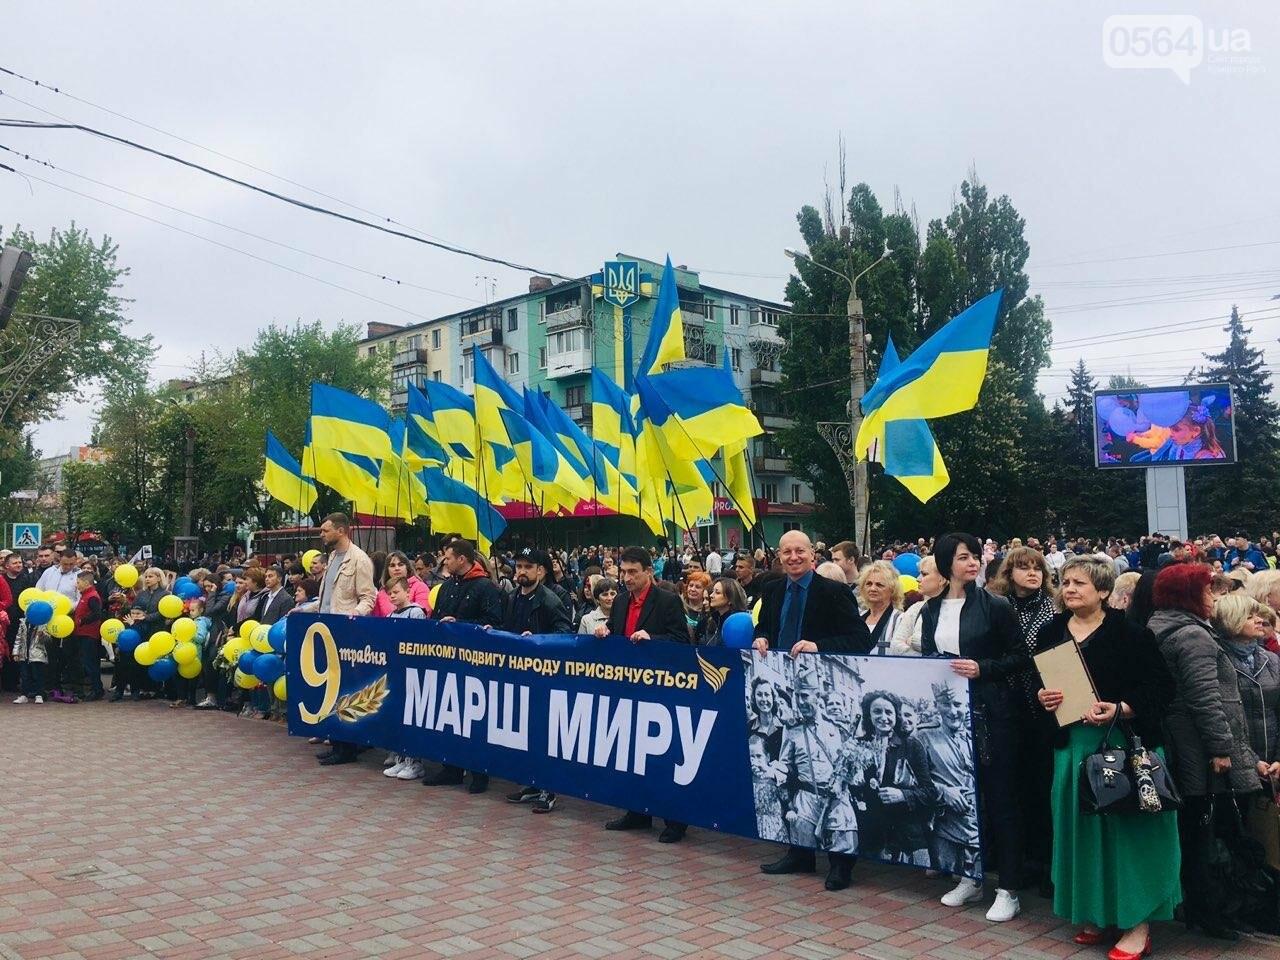 """9 мая в Кривом Роге: """"Марш мира"""" в Покровском районе стал самым массовым мероприятием, - ФОТО, фото-2"""